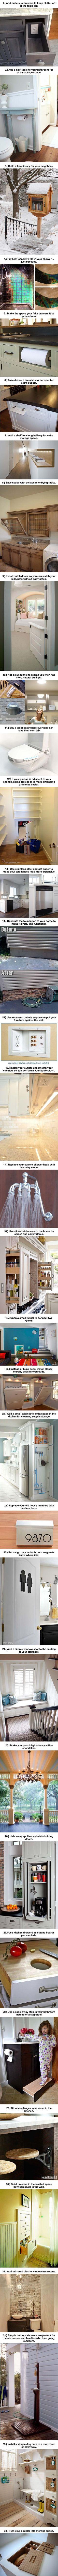 L formte küche design ideen  best home decor u design images on pinterest  home ideas